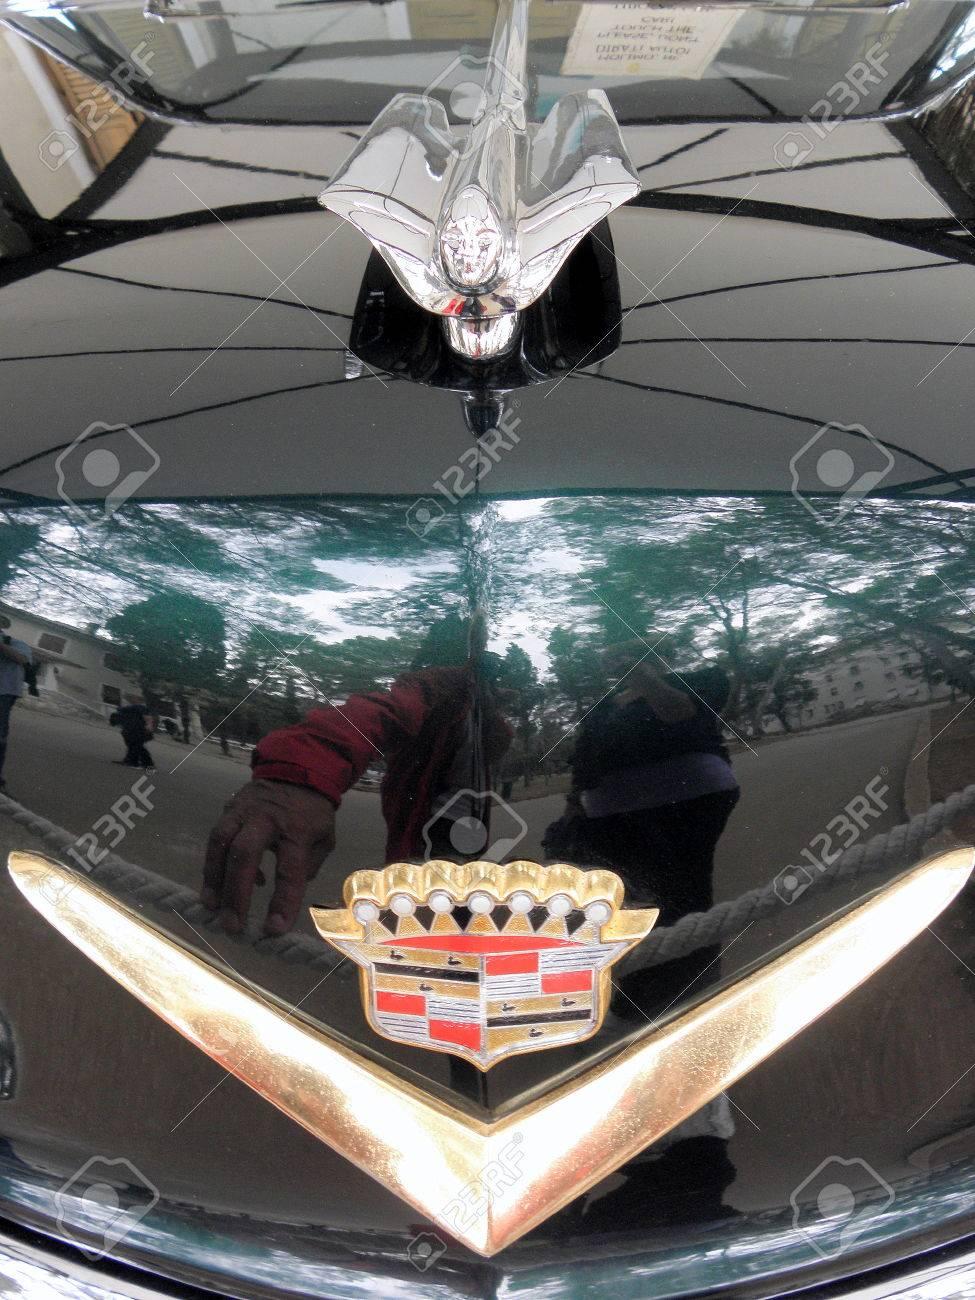 Cadillac Oldtimer, Die Auf Der Ganzen Welt Bekannten Jugoslawischen ...